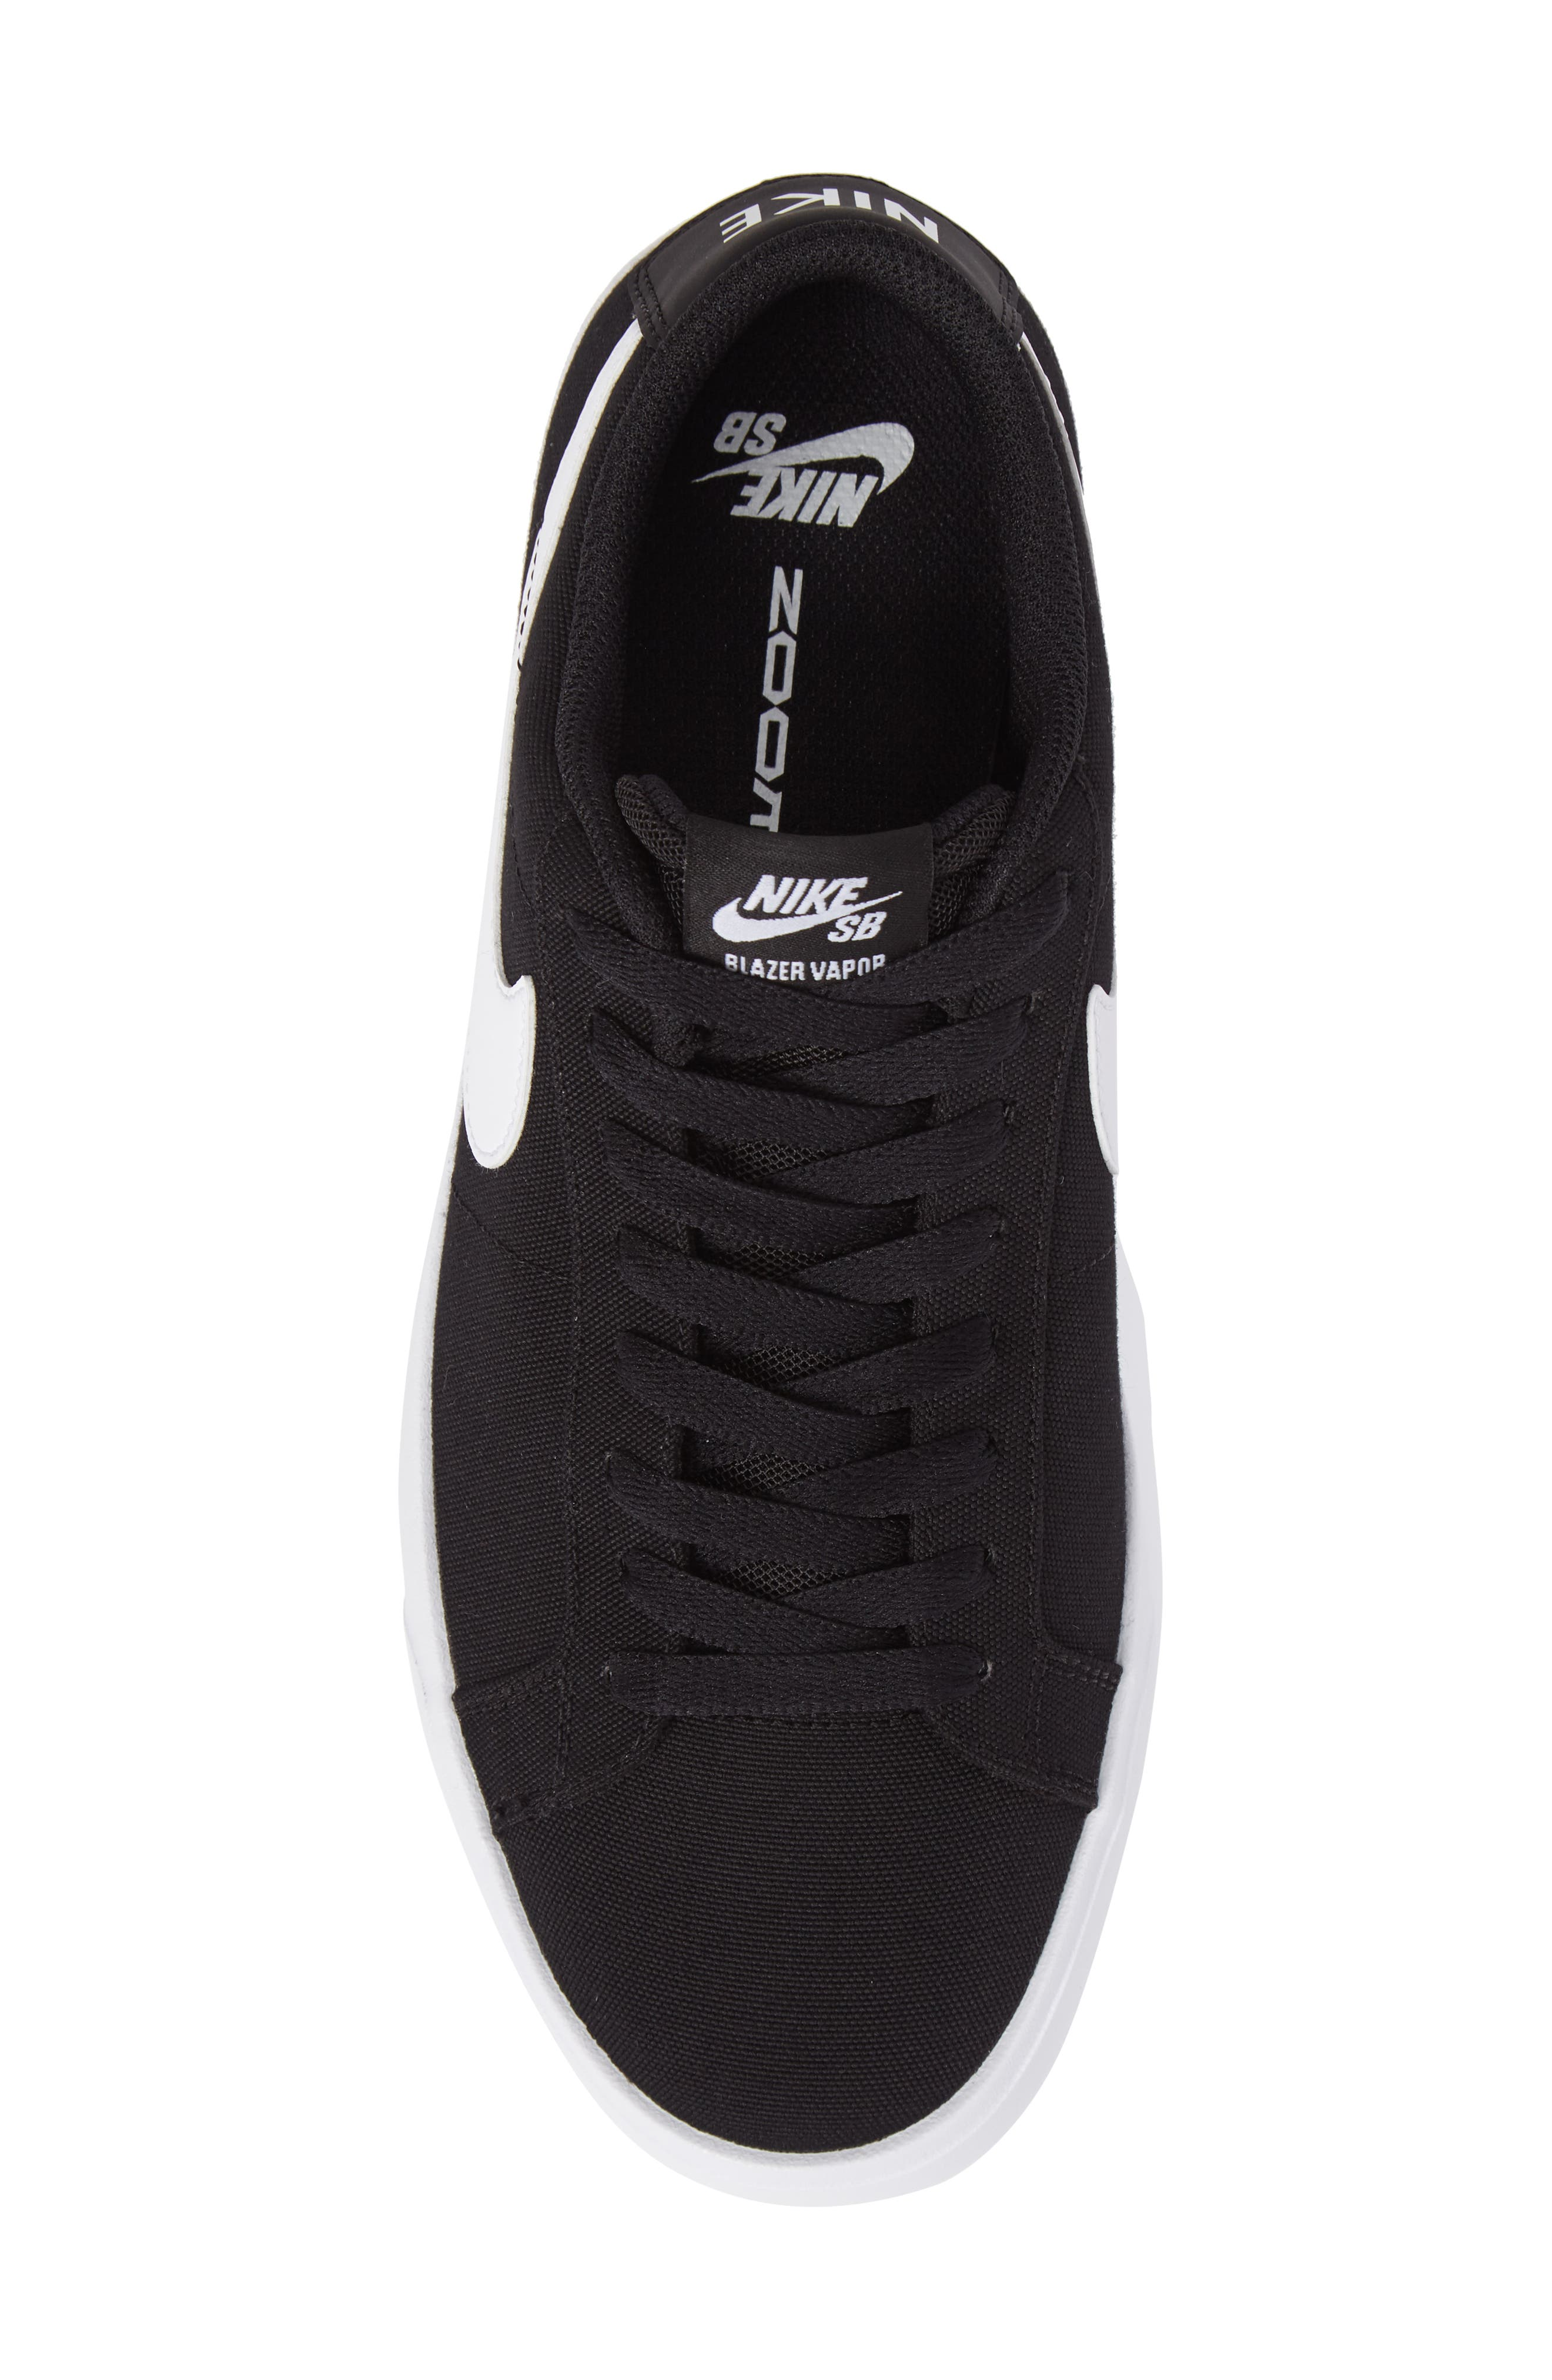 Alternate Image 5  - Nike Zoom Blazer Vapor Skate Sneaker (Men)